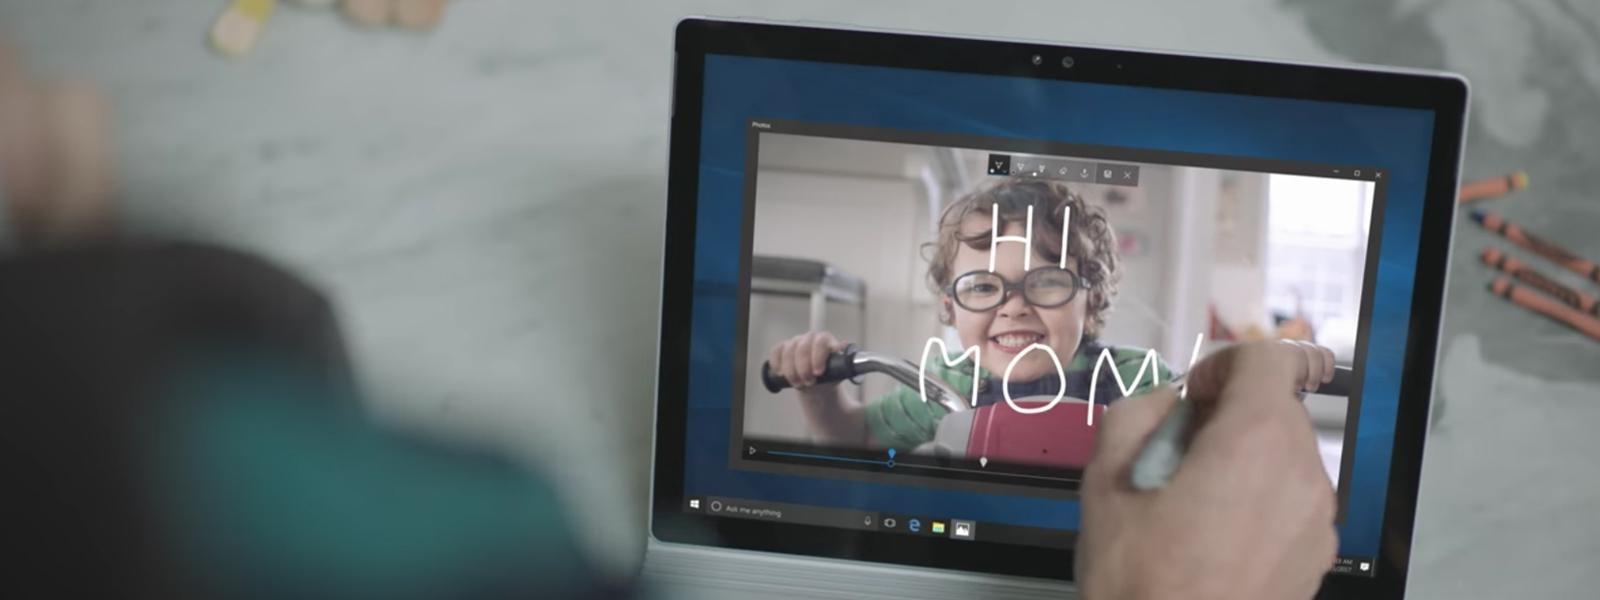 Femme sur un ordinateur portable, qui écrit du texte sur son film de sa petite fille. Les mots « Coucou maman » s'affichent en surimpression sur un petit garçon avec des taches de rousseur sur un tricycle